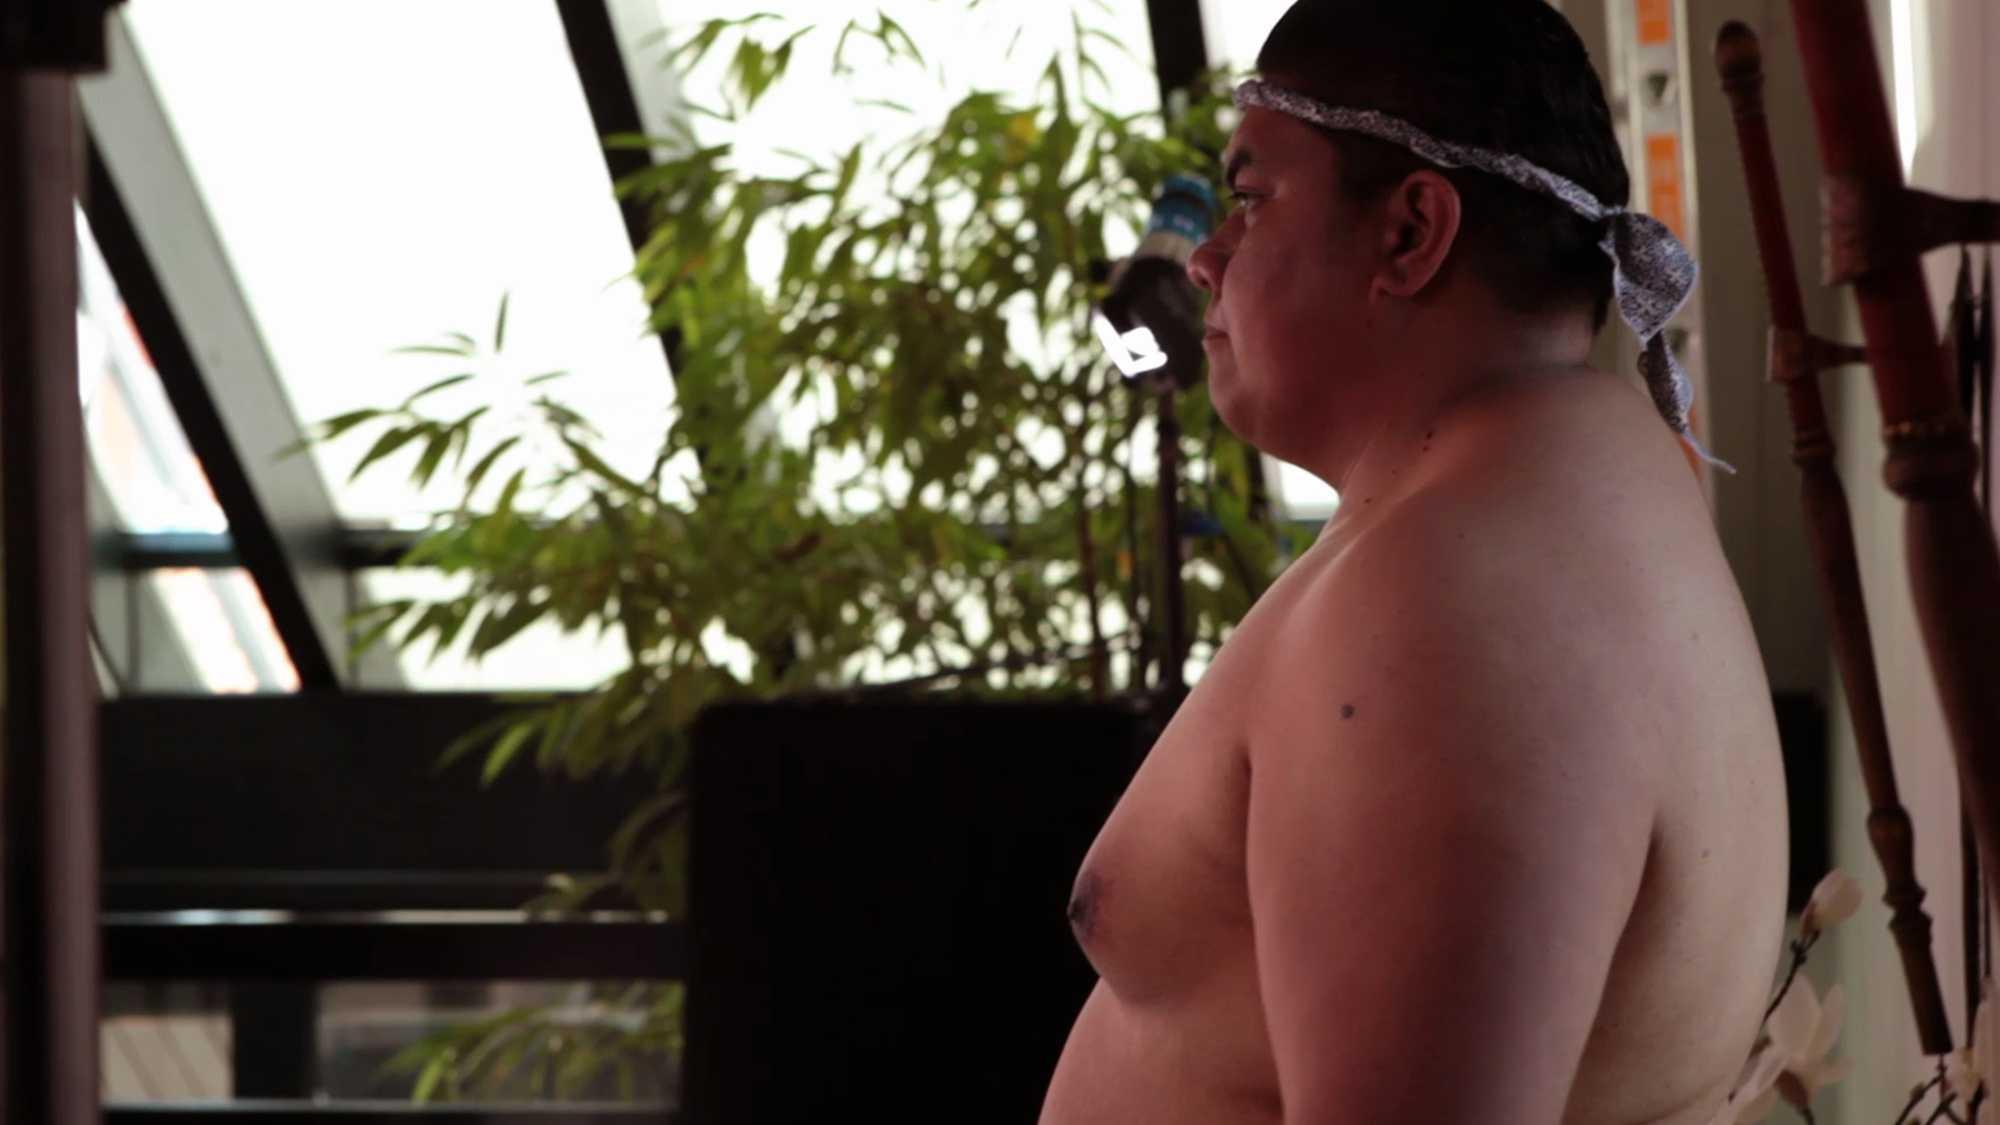 """Das Bild zeigt einen Sumo. Er steht in einem Raum in dem eine Bambuspflanze steht. Diese ist hinter ihm angebracht. Sein Oberkörper ist unbedeckt. Er trägt ein Band auf seinem Kopf. Das Bild dient als Sliderbild für den Portfolioeintrag """"BMW Connected Drive Sumos"""" von Panda Pictures."""